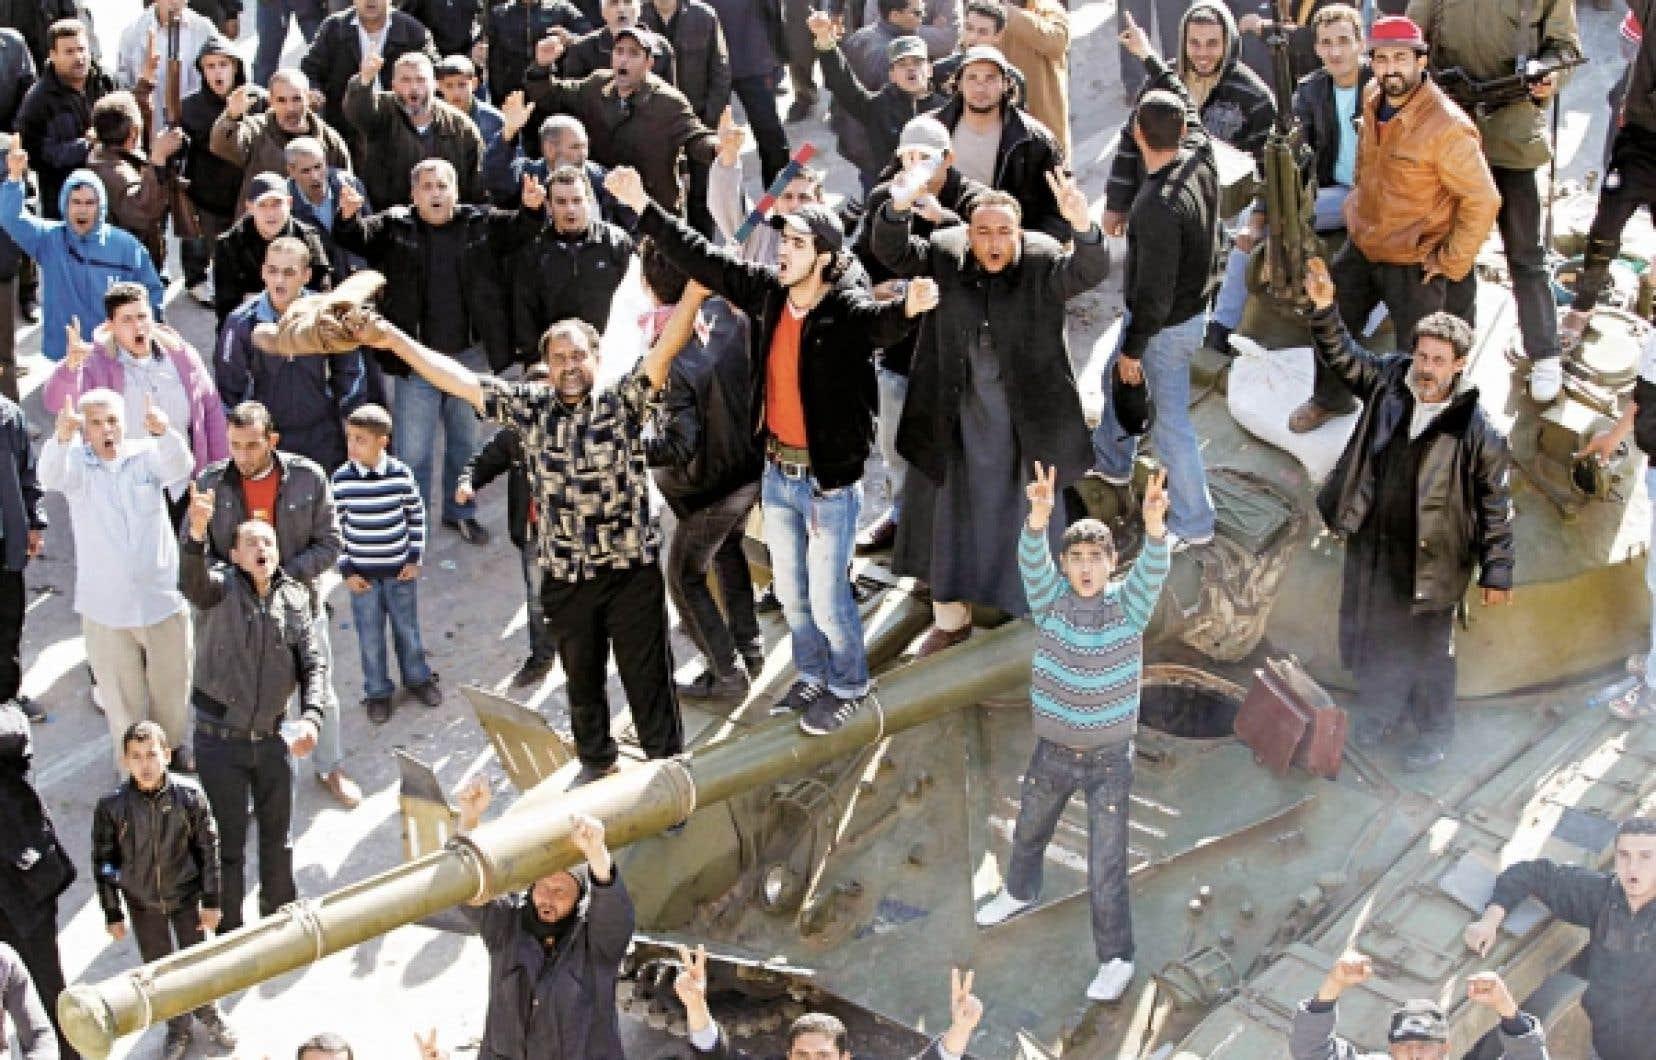 Partout en Libye, des militaires se sont ralliés à l'opposition. Sur cette photo, des insurgés entourent un char d'assaut à Zaouiya, dans l'ouest du pays.